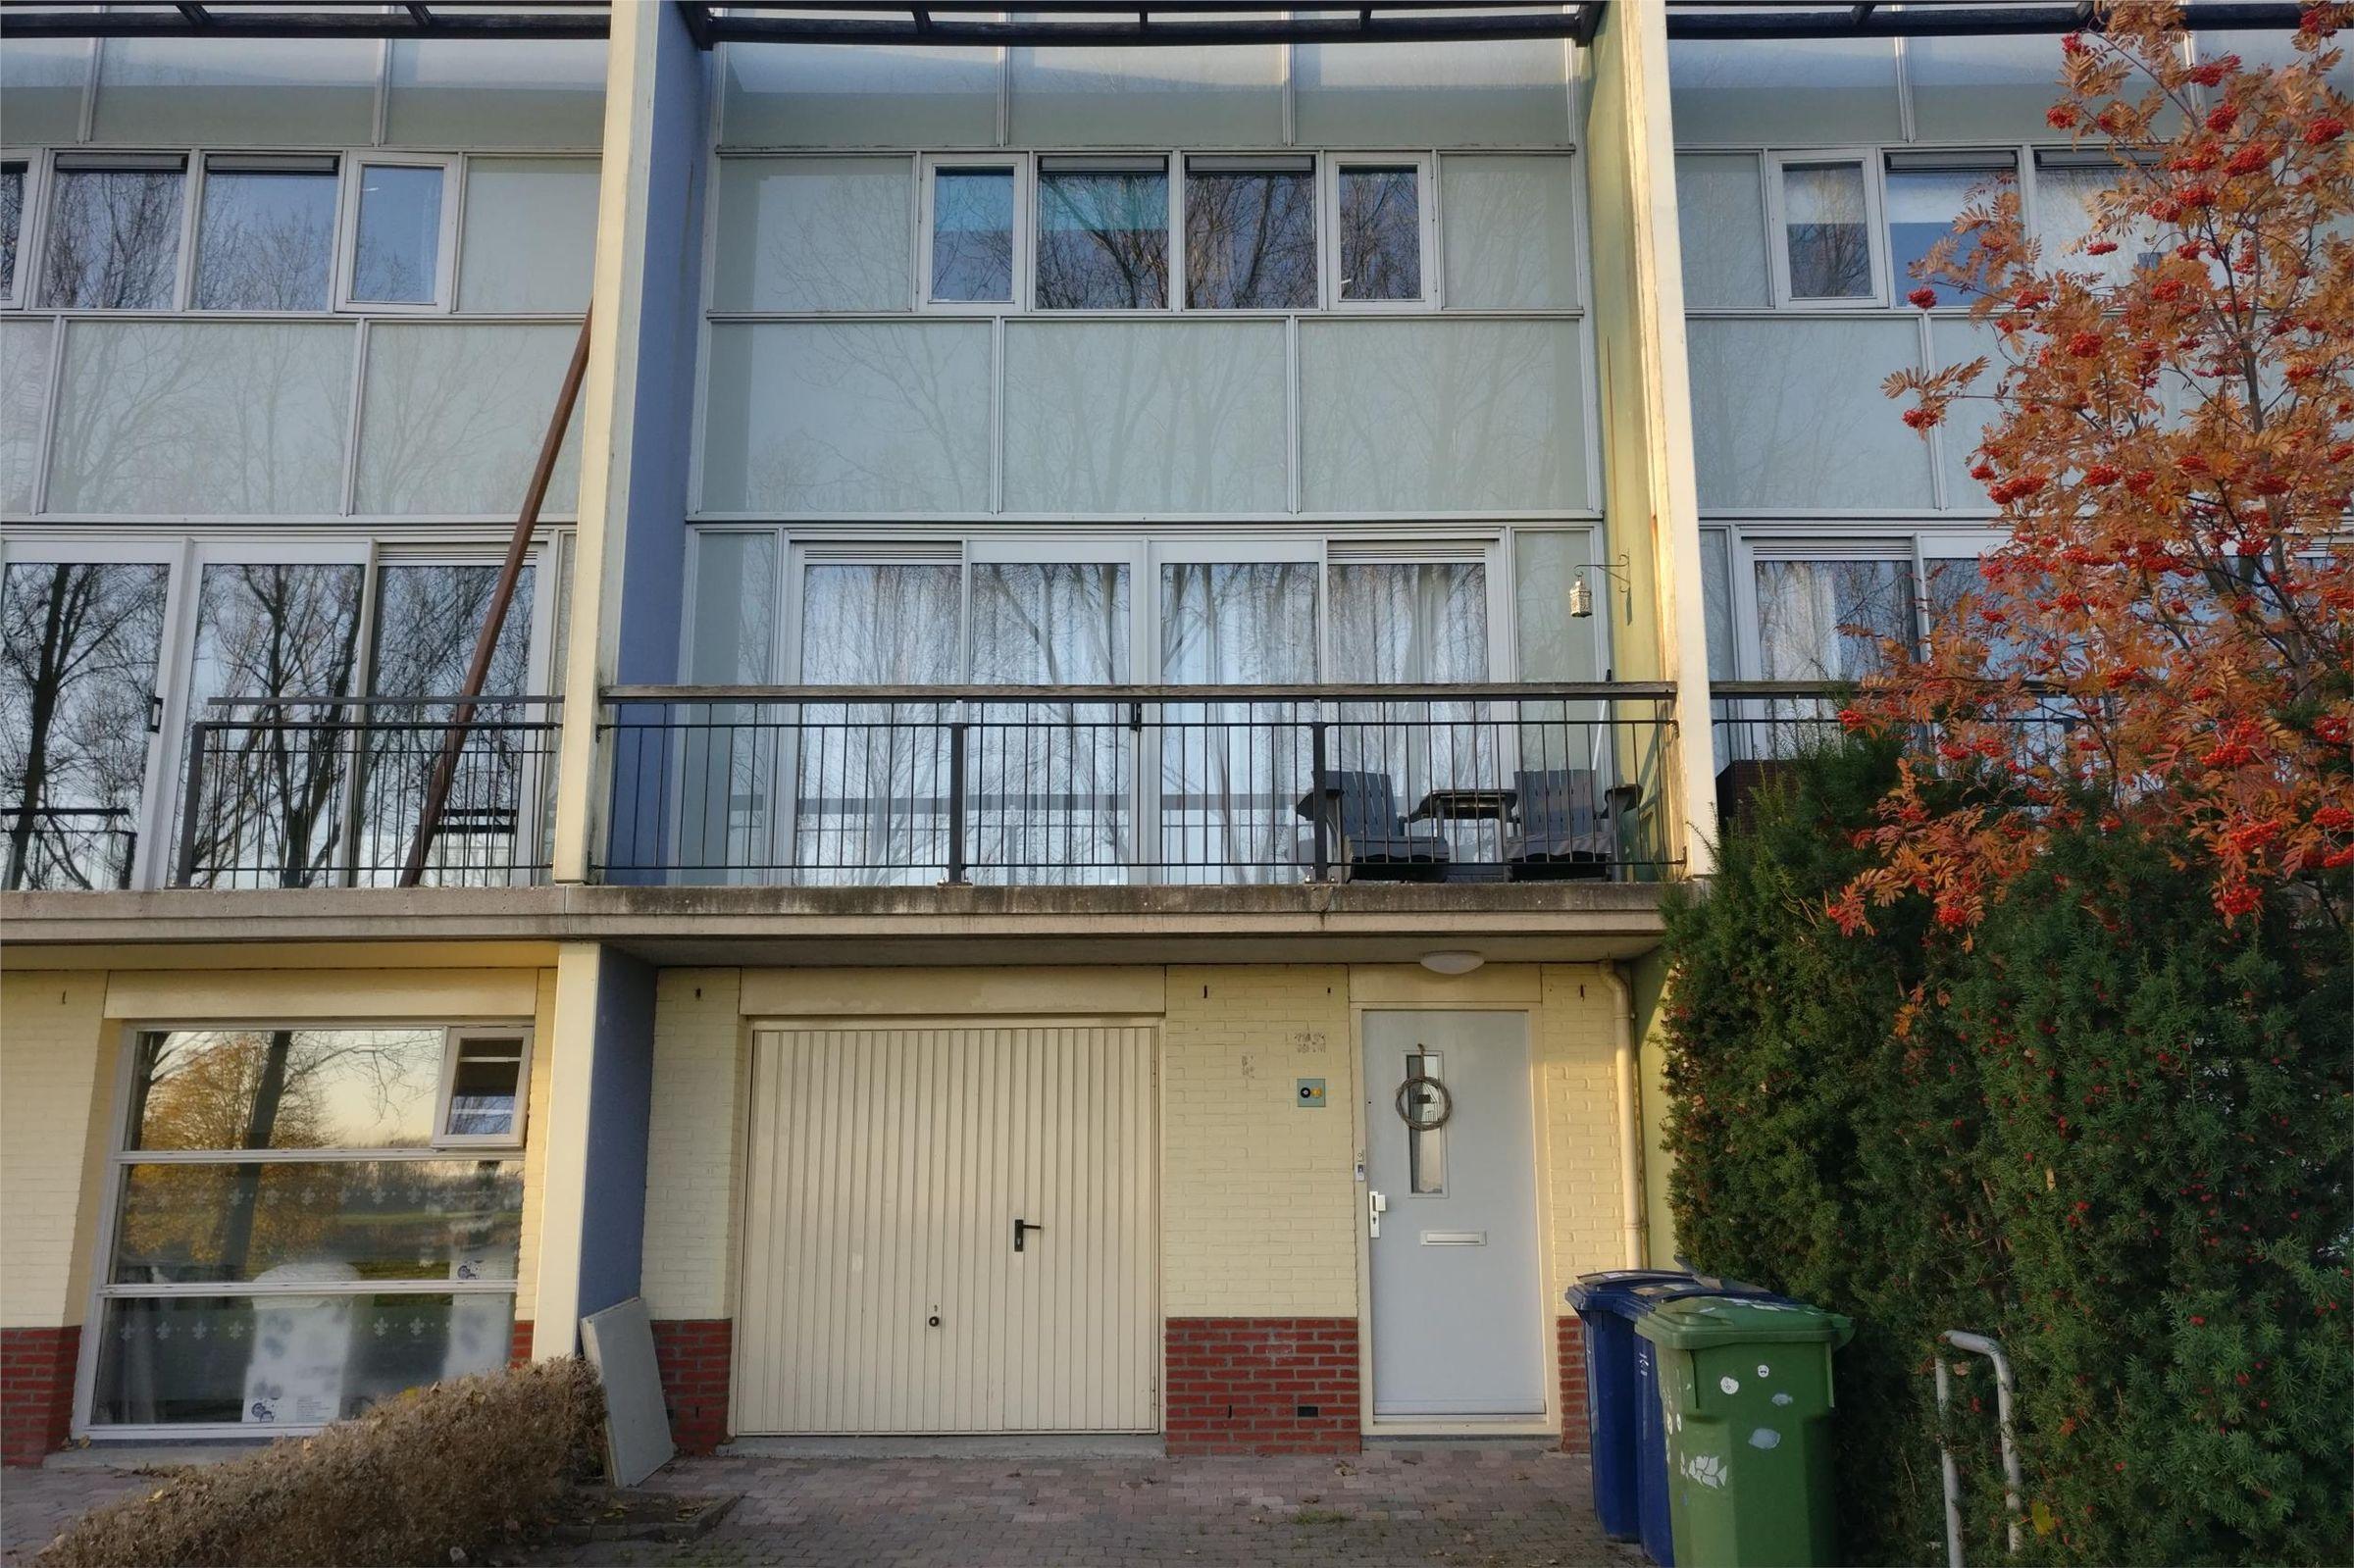 Albaststraat 49, Almere